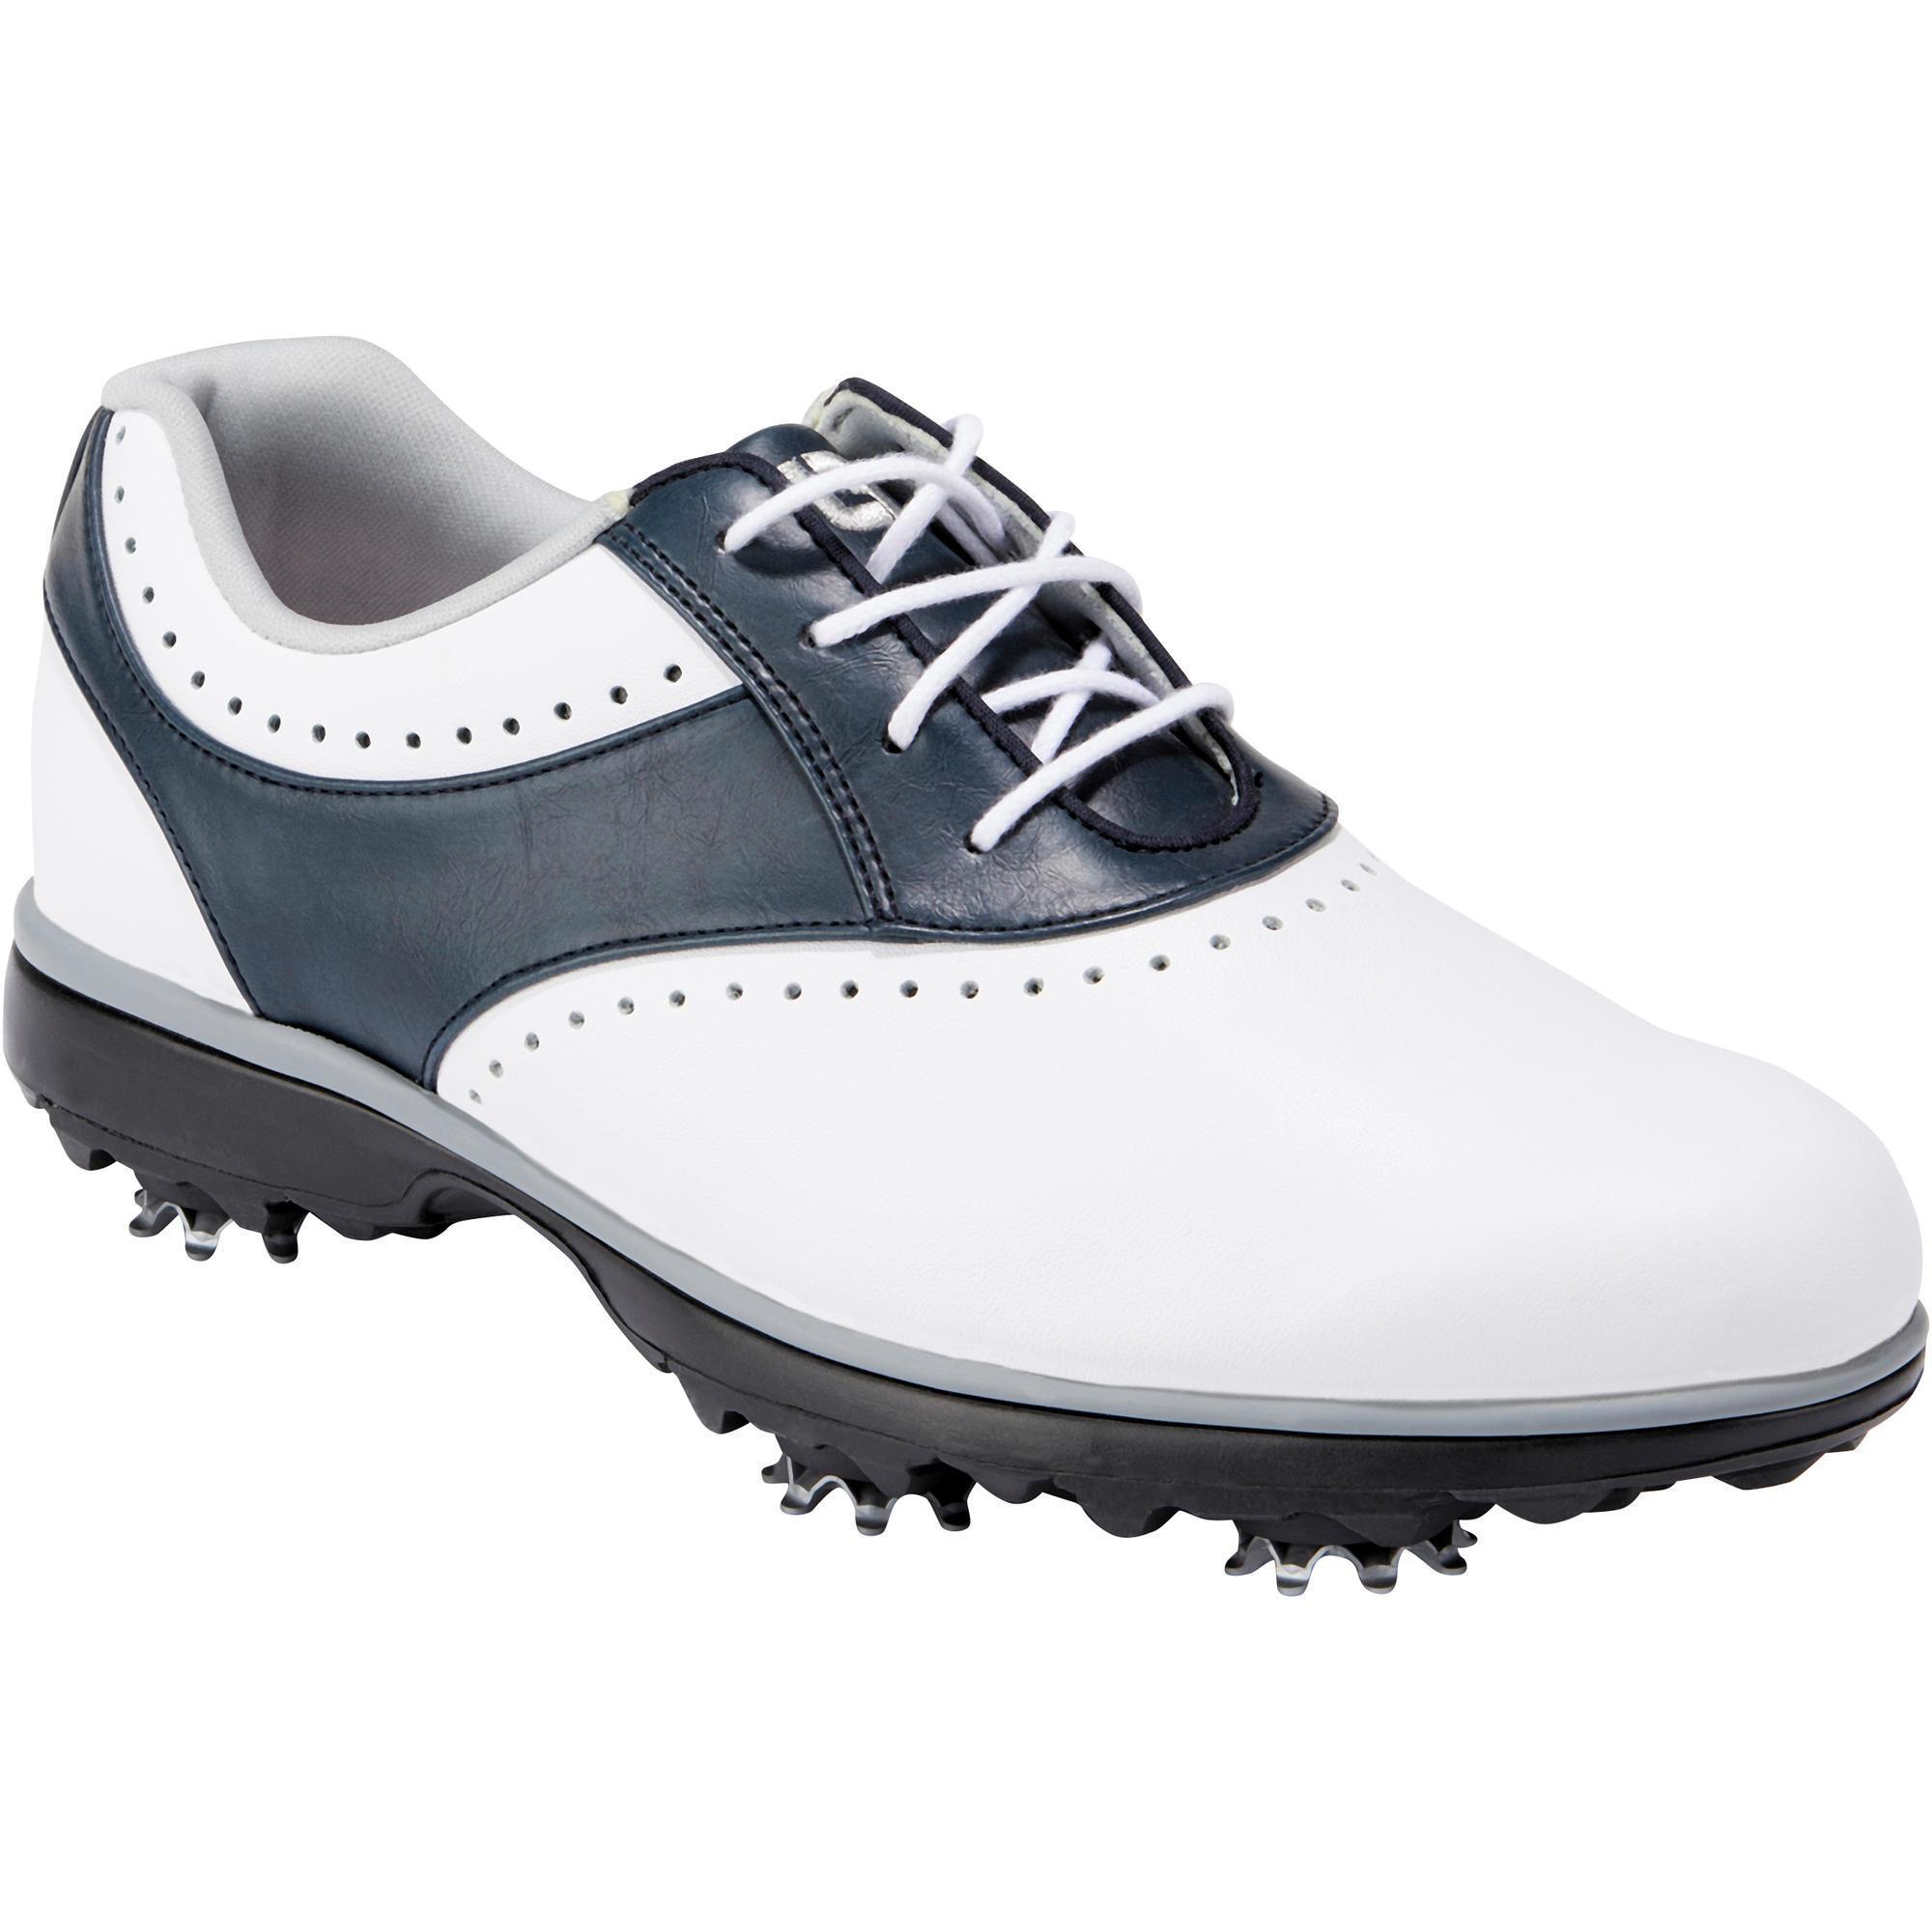 2413181 Footjoy Golfschoenen Emerge voor dames wit en marine